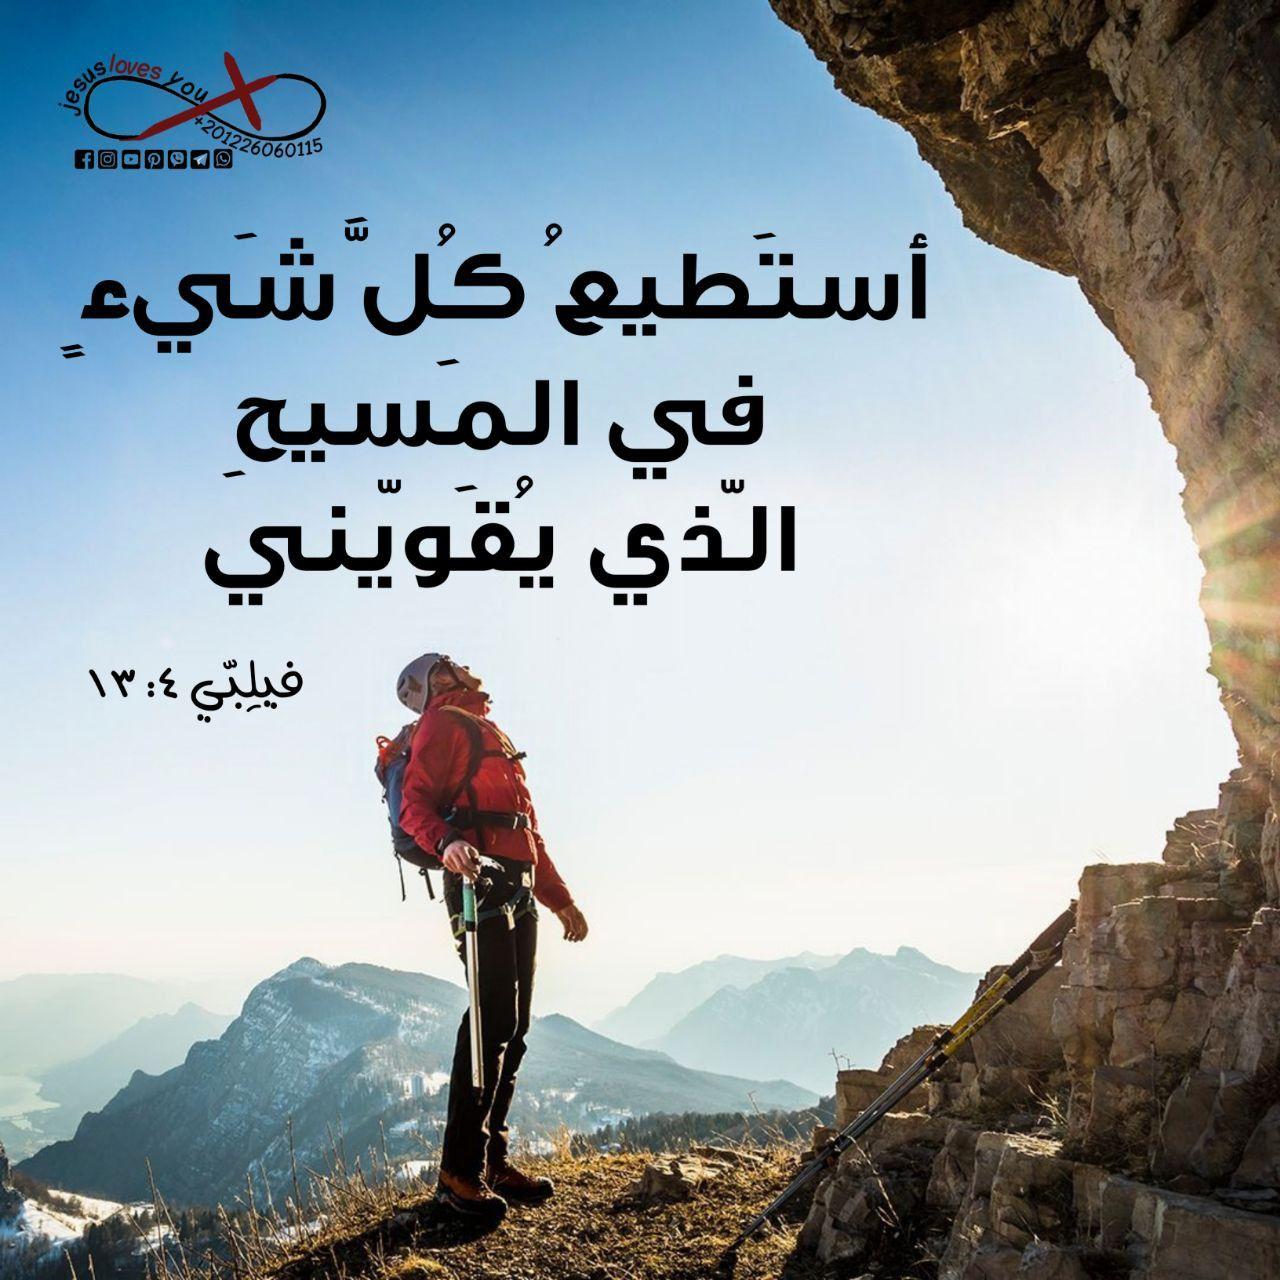 آية اليوم أست طيع ك ل ش يء في الم سيح ال ذي ي ق و يني فيل ب ي ٤ ١٣ In 2021